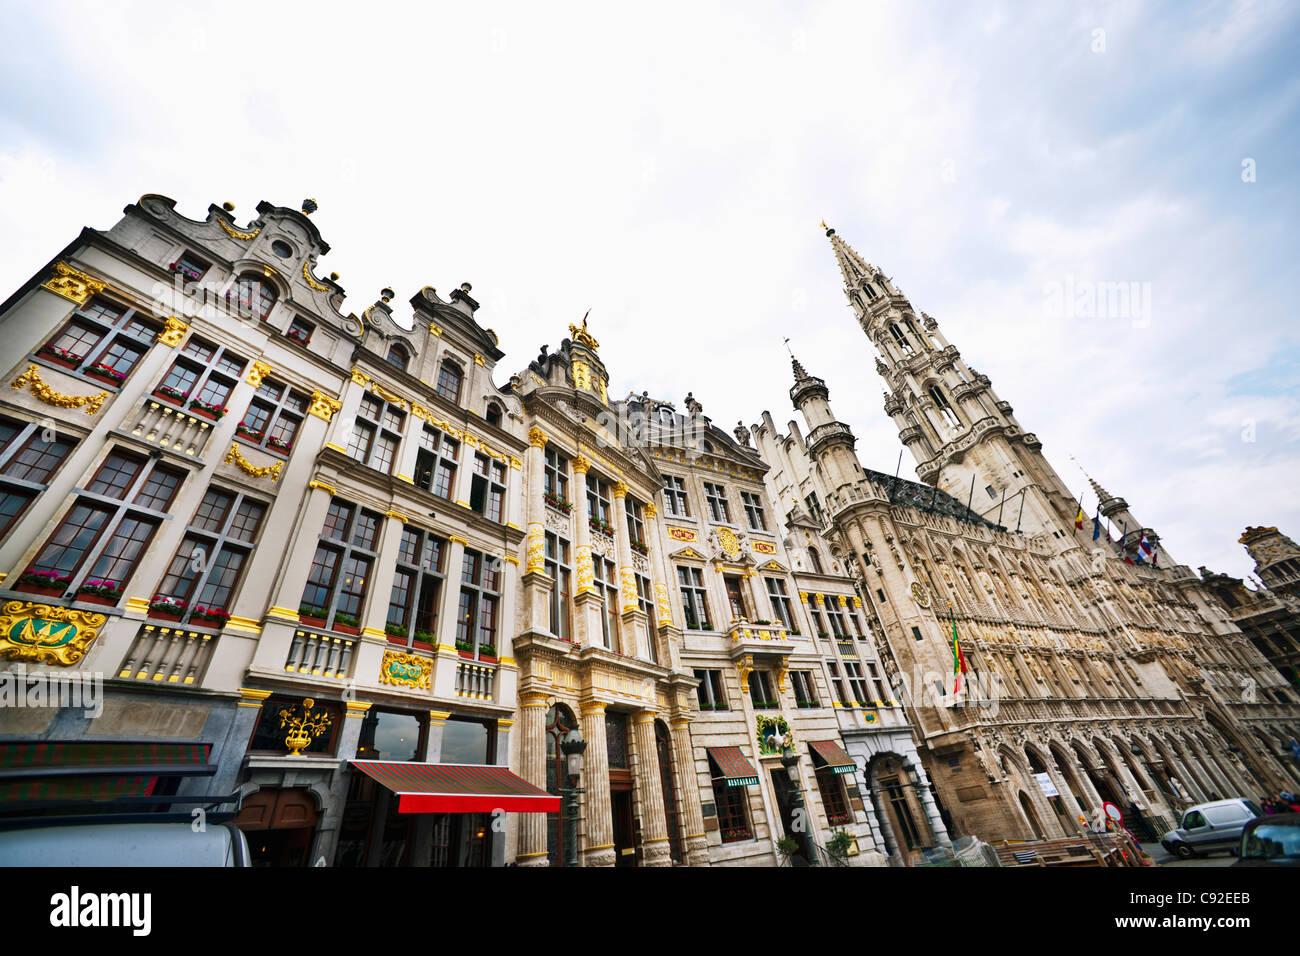 Reich verzierte Gebäude auf Stadtstraße Stockbild